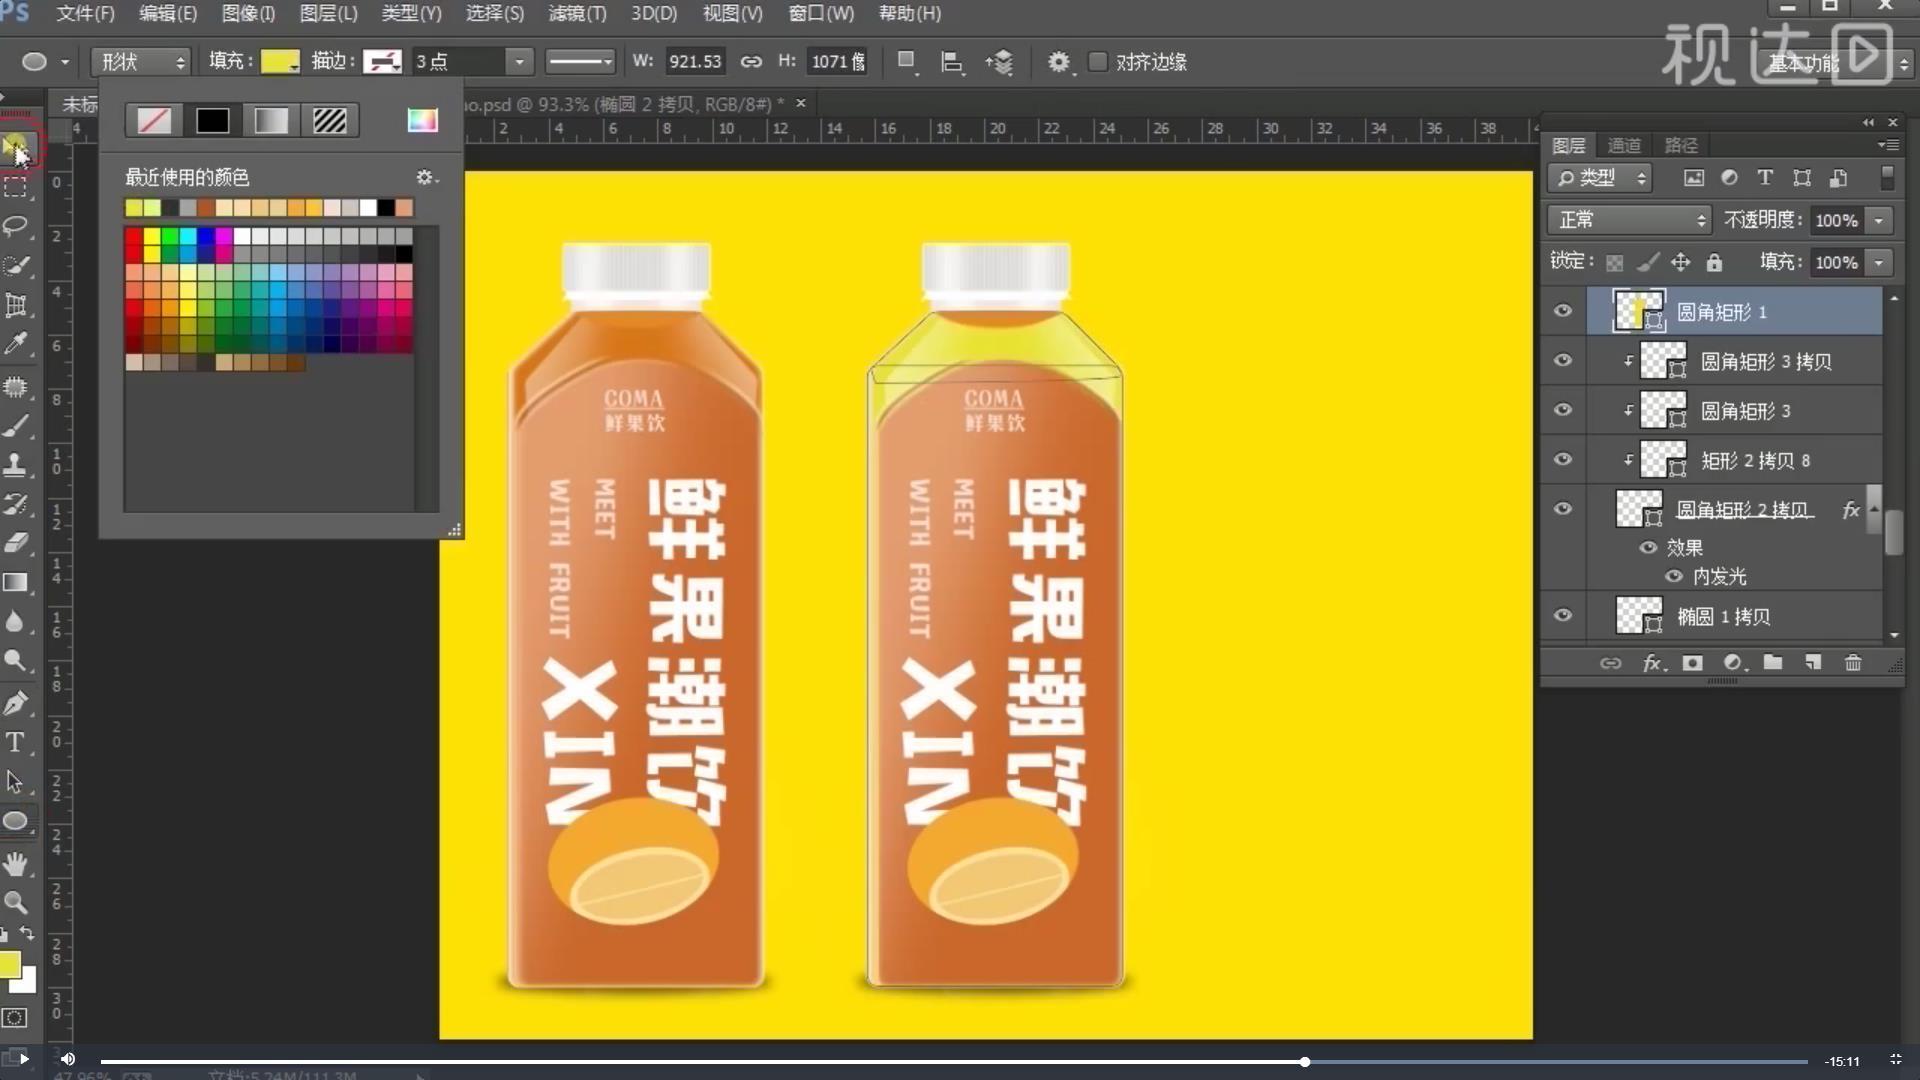 15.整体编组,复制两个,分别调整填充颜色,做出其他颜色的瓶子;.jpg